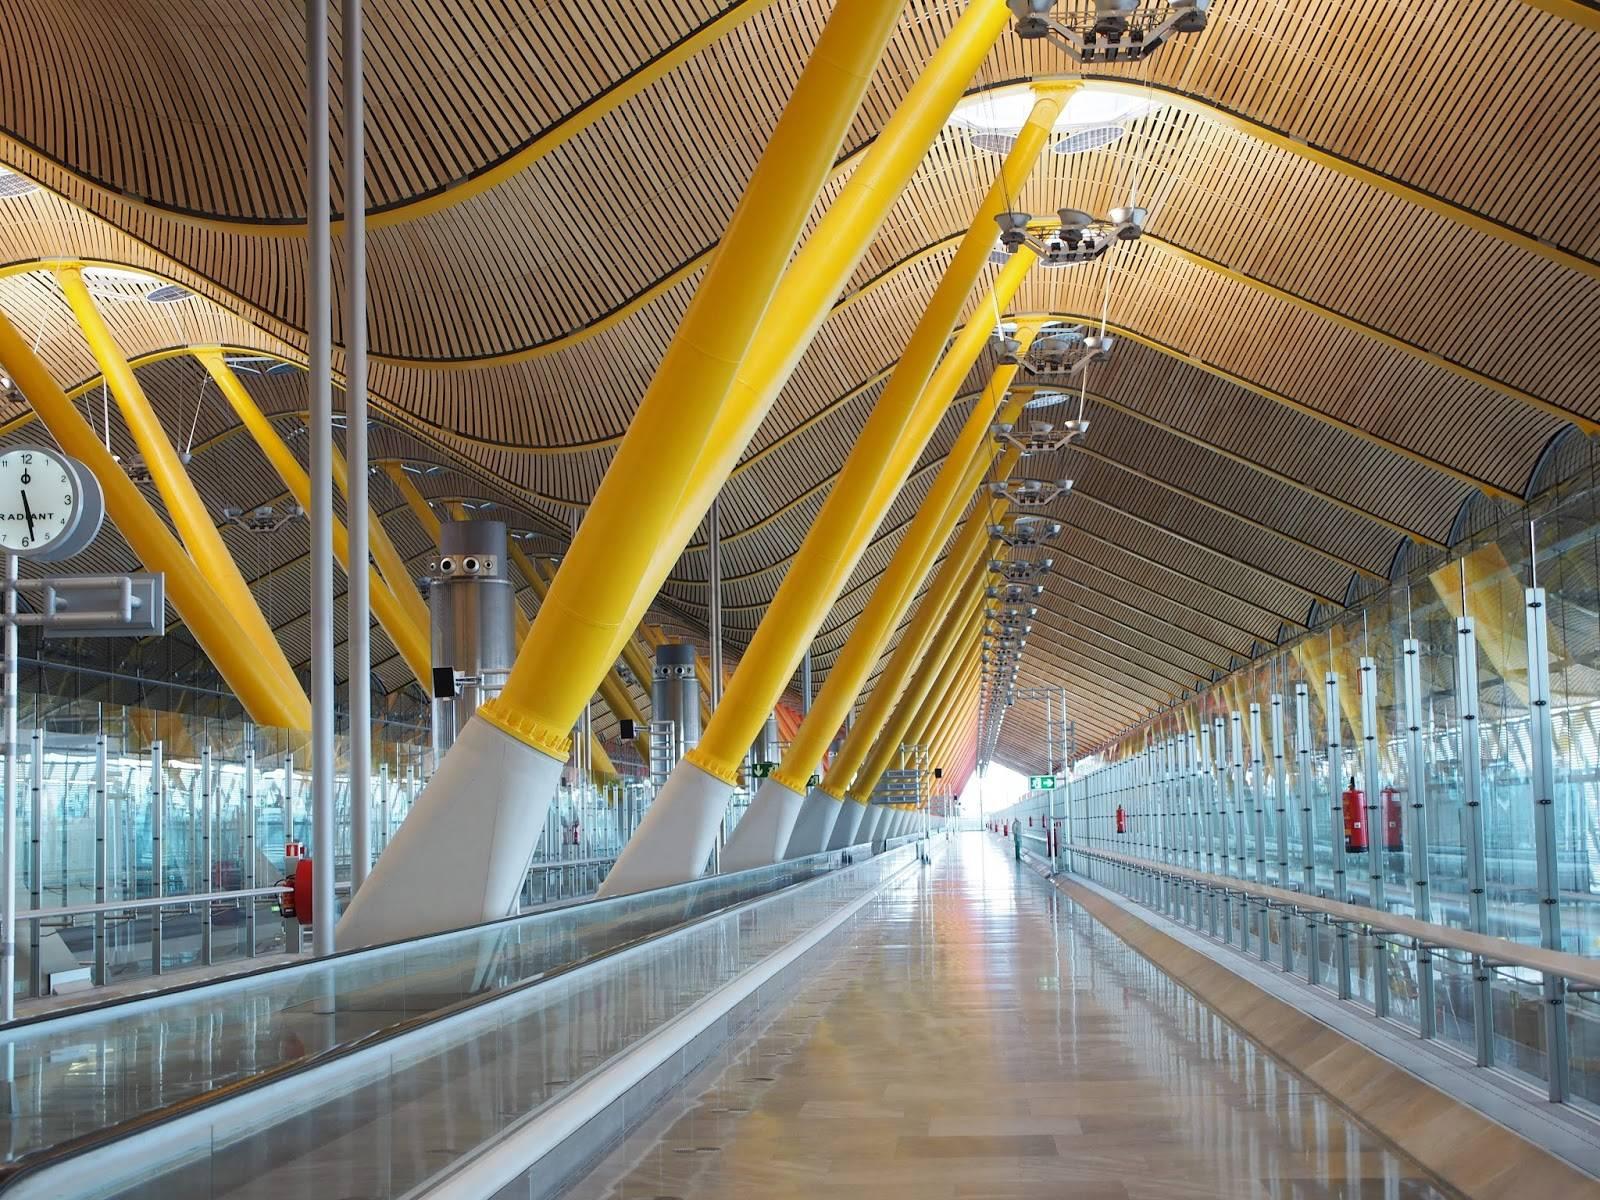 Как добраться из аэропорта барахас в центр мадрида?